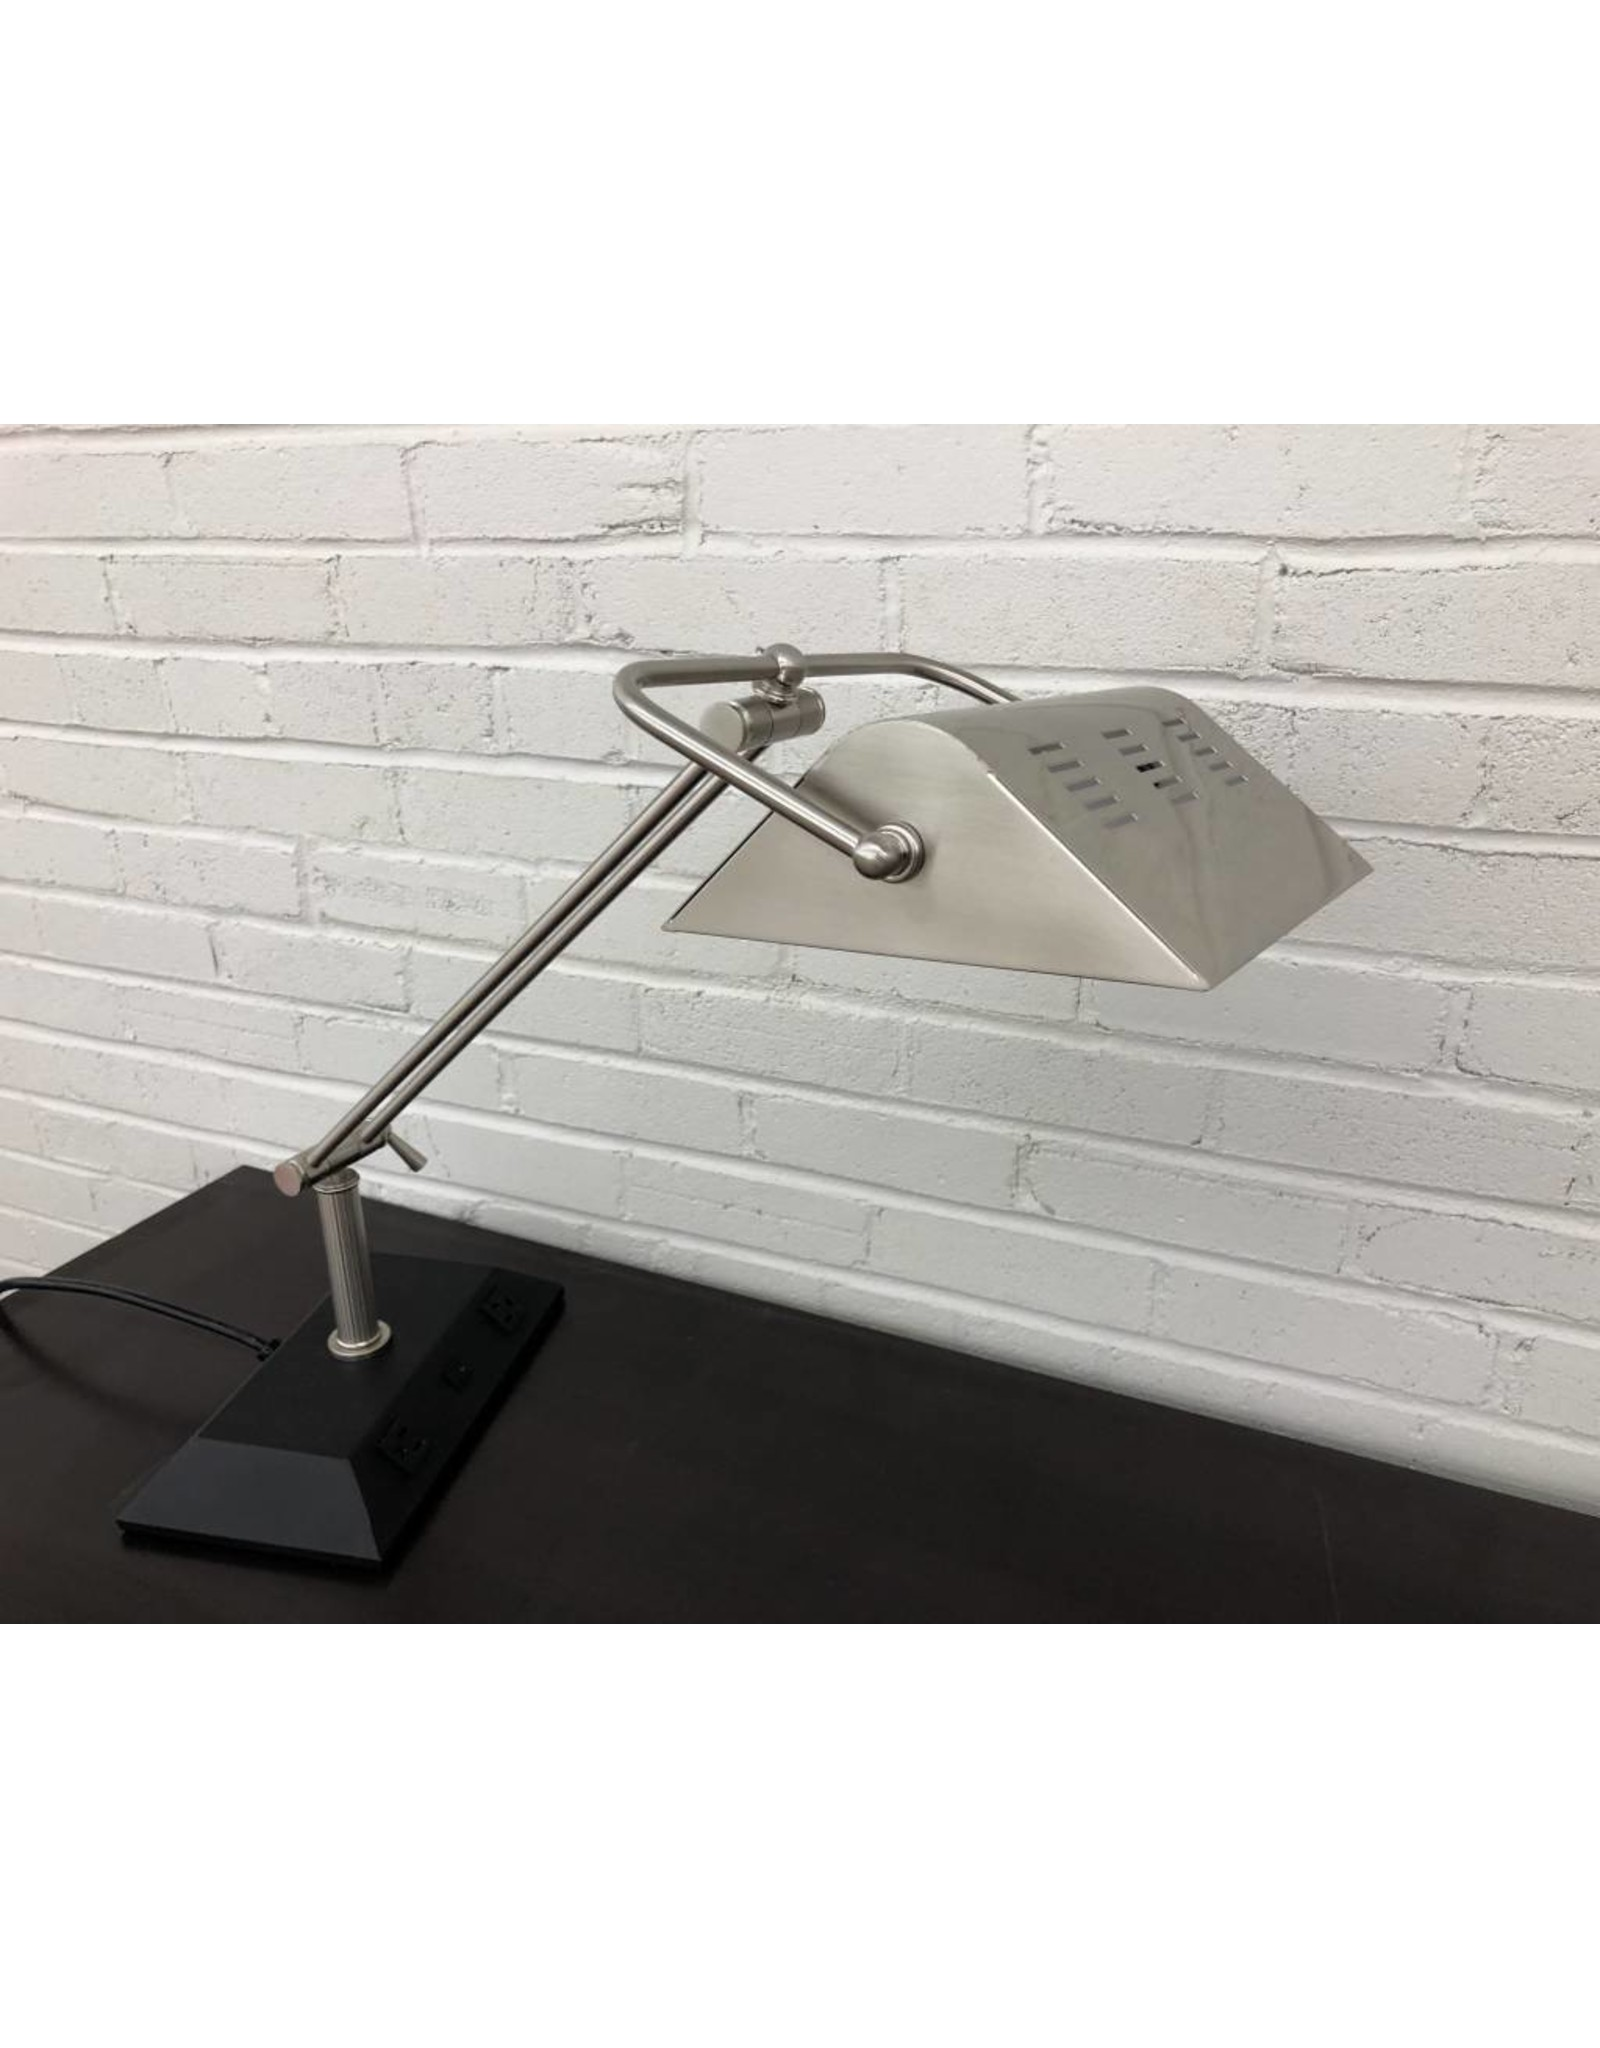 Hilton Garden Inn - Albuquerque HI Lamp Chrome